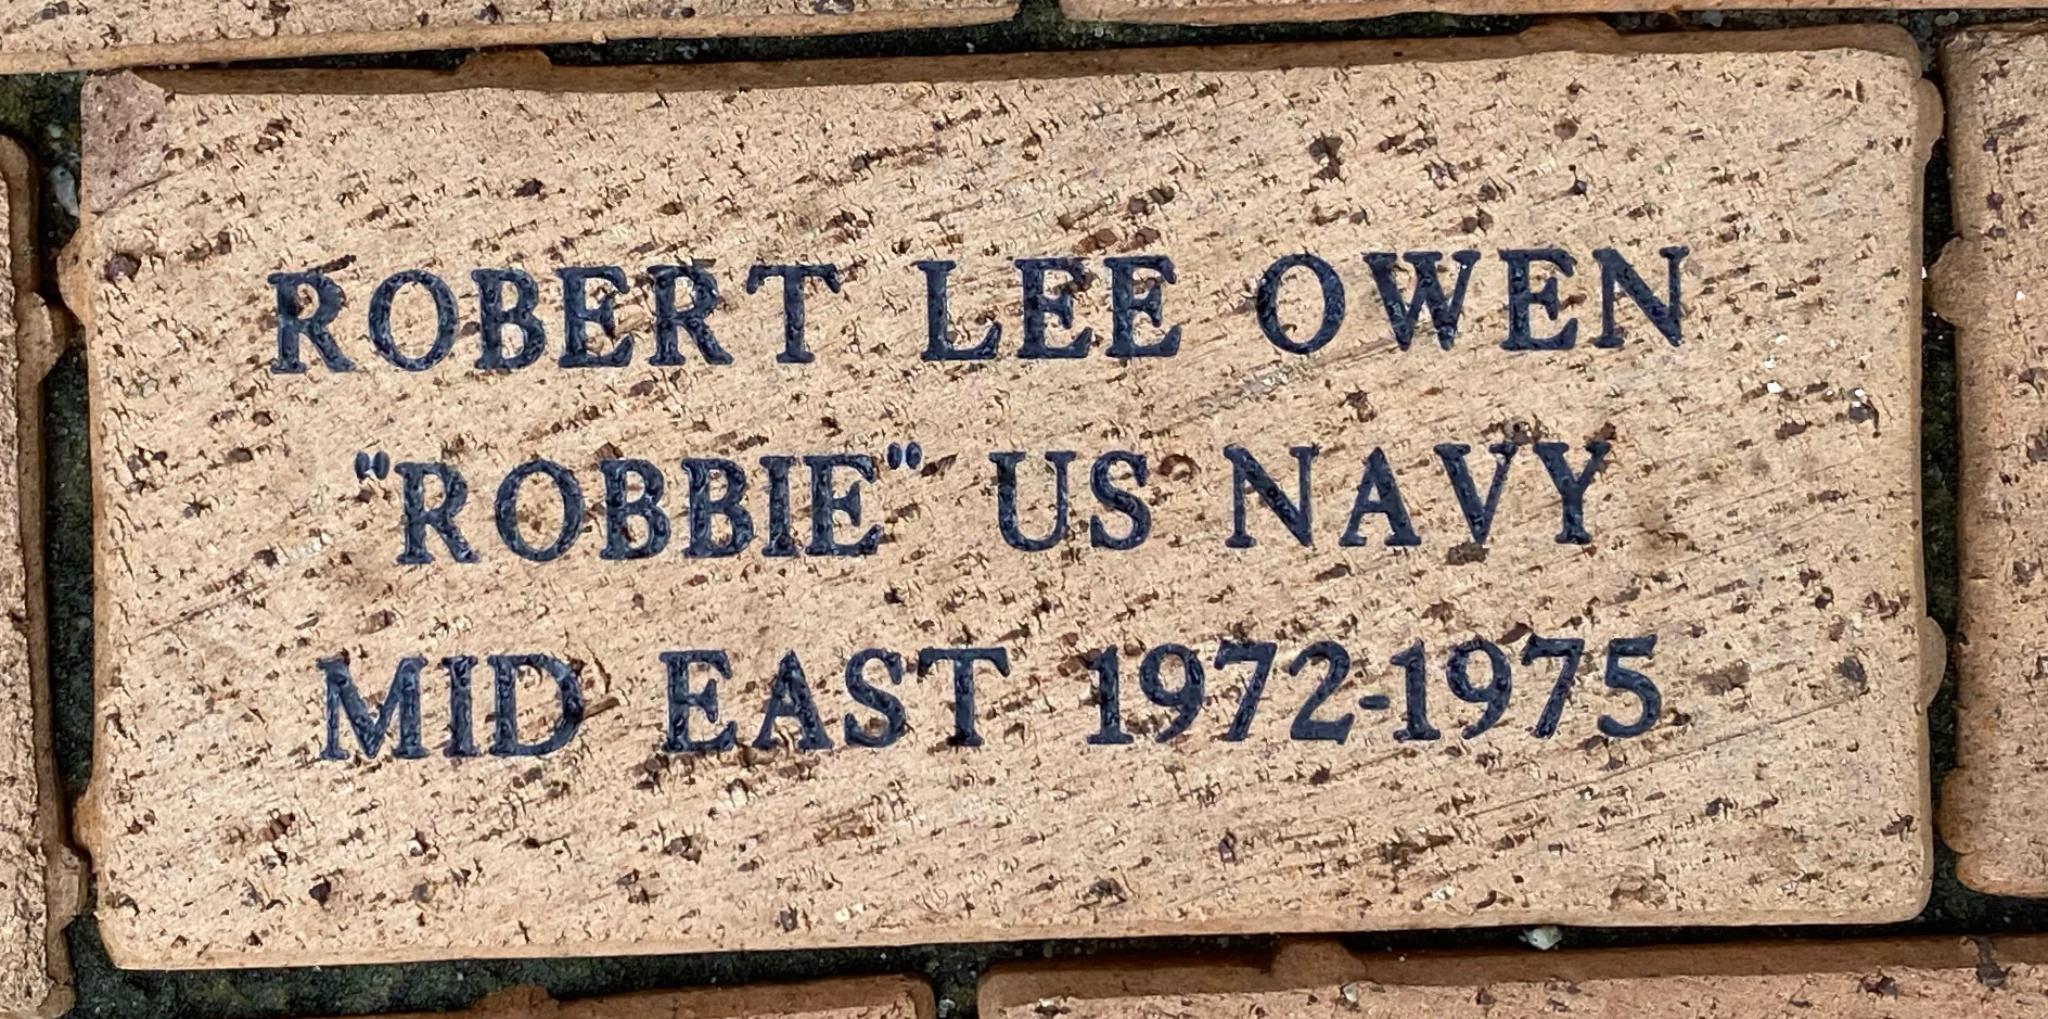 """ROBERT LEE OWEN """"""""ROBBIE"""""""" US NAVY MID EAST 1972-1975"""